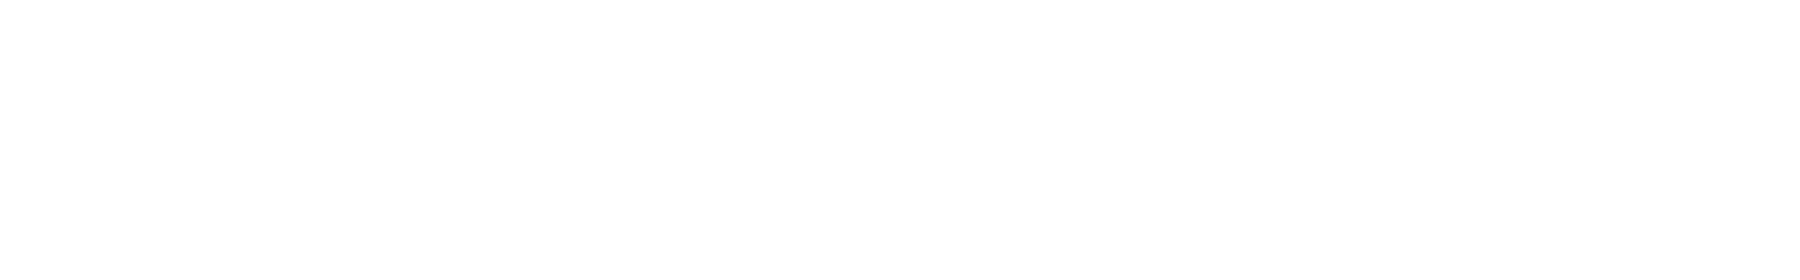 vfx1 atmos 54